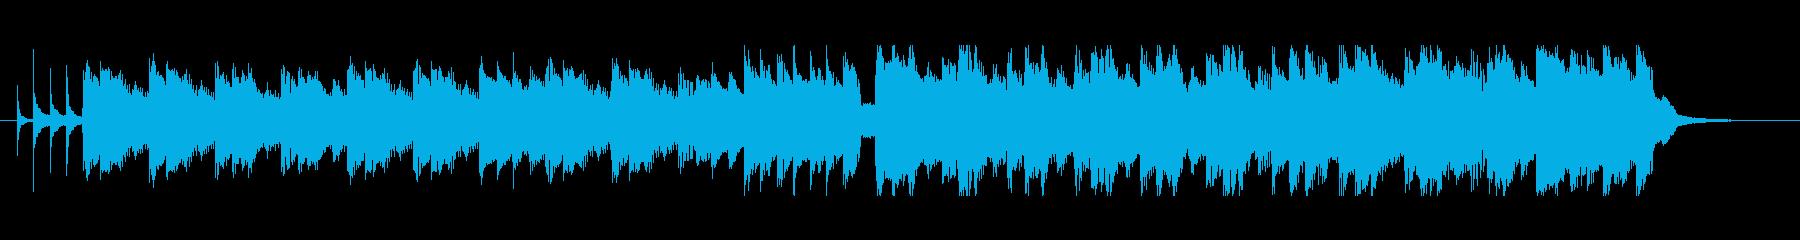 紹介動画に合う淡々としたハーモニカ曲の再生済みの波形